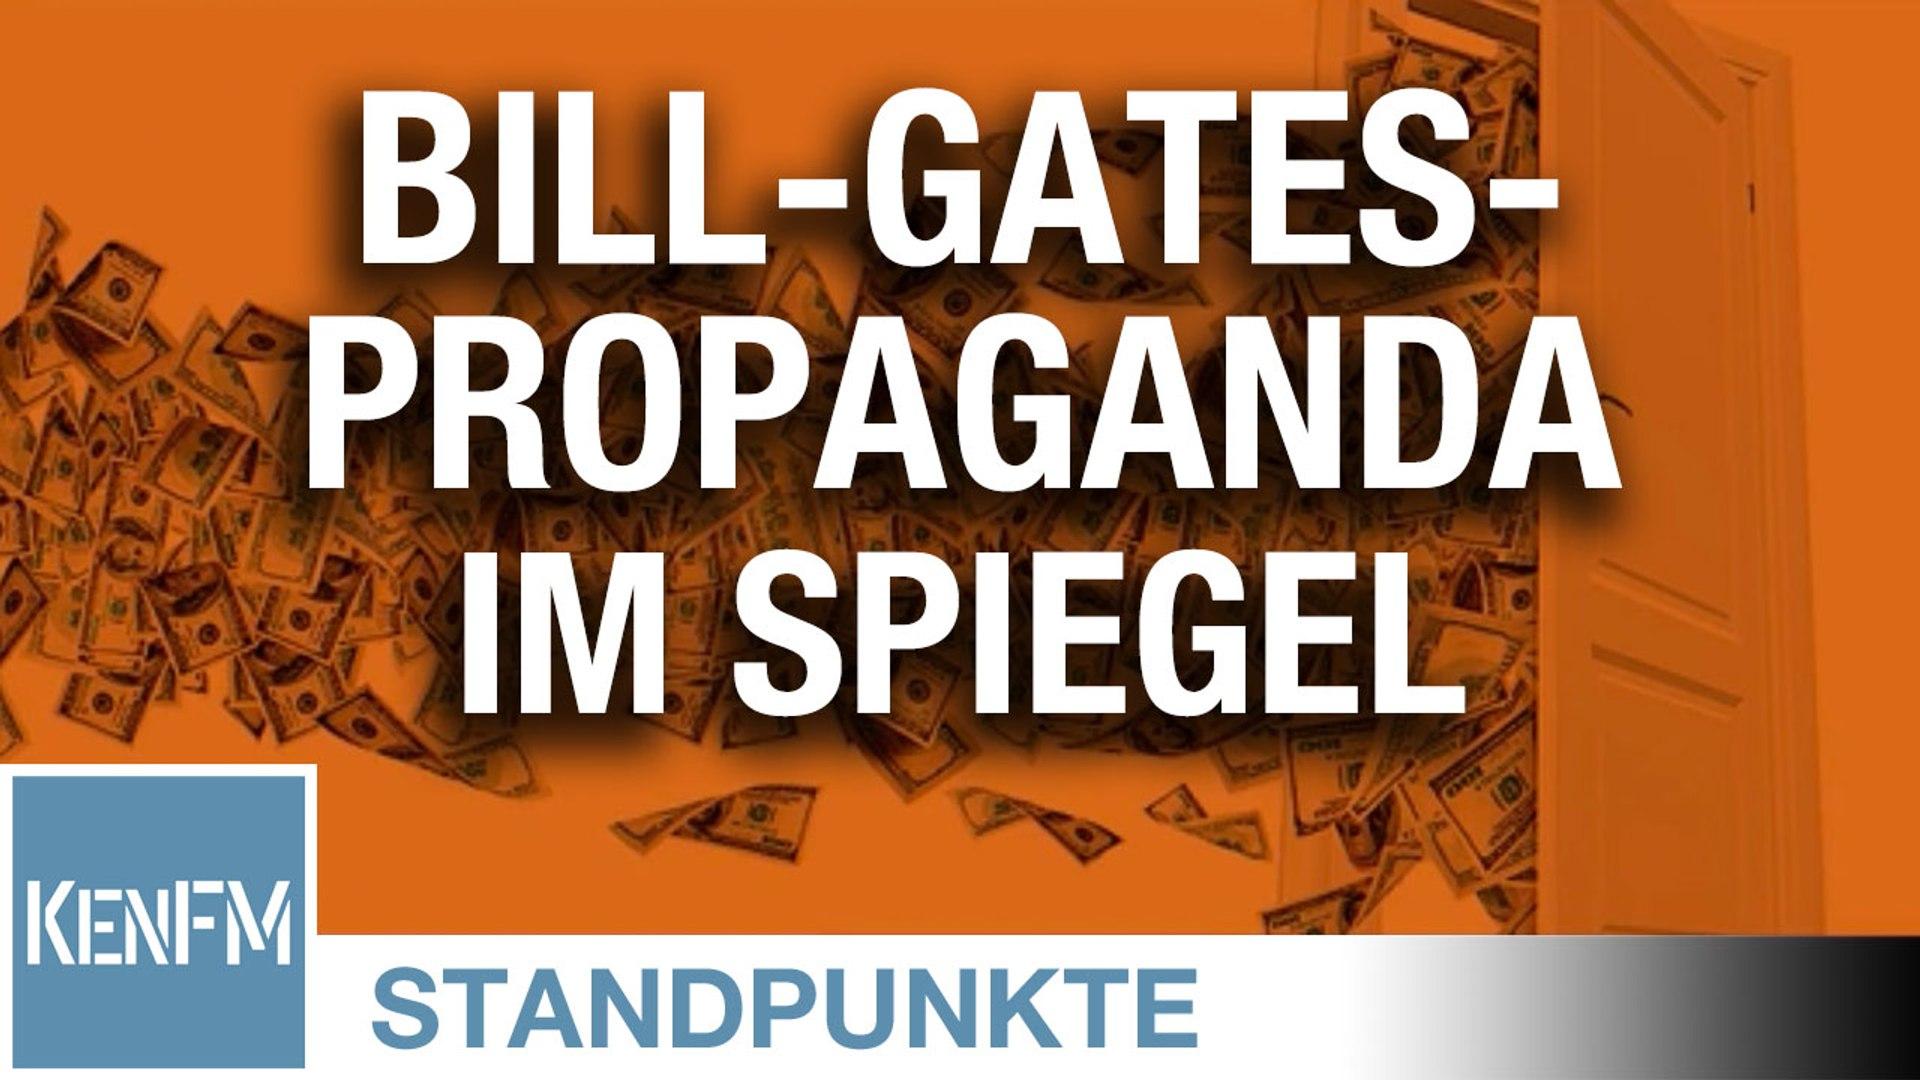 2,3-Millionenspende zahlt sich aus: Bill-Gates-Propaganda im Spiegel